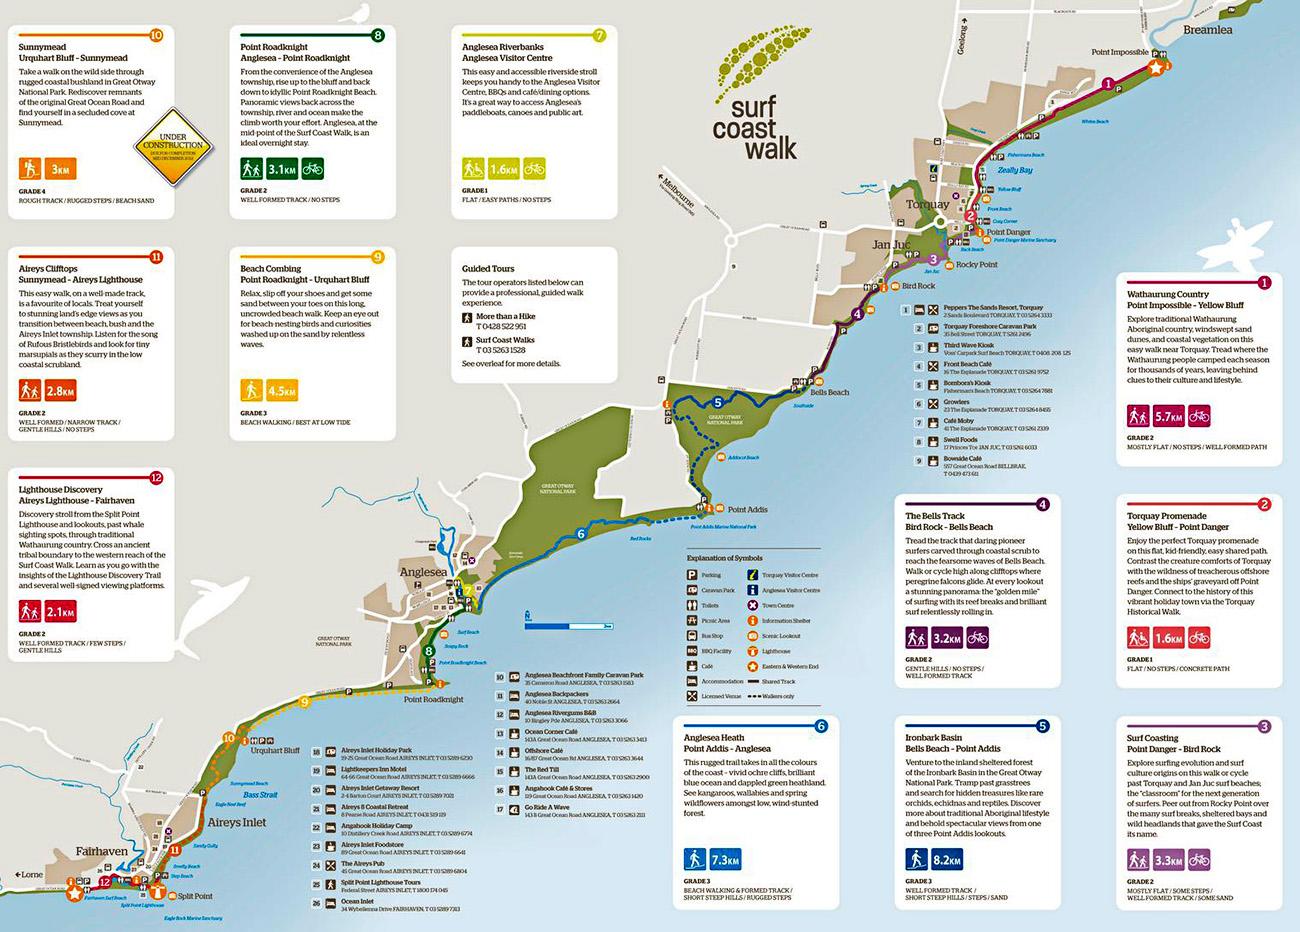 Австралия Серферское побережье